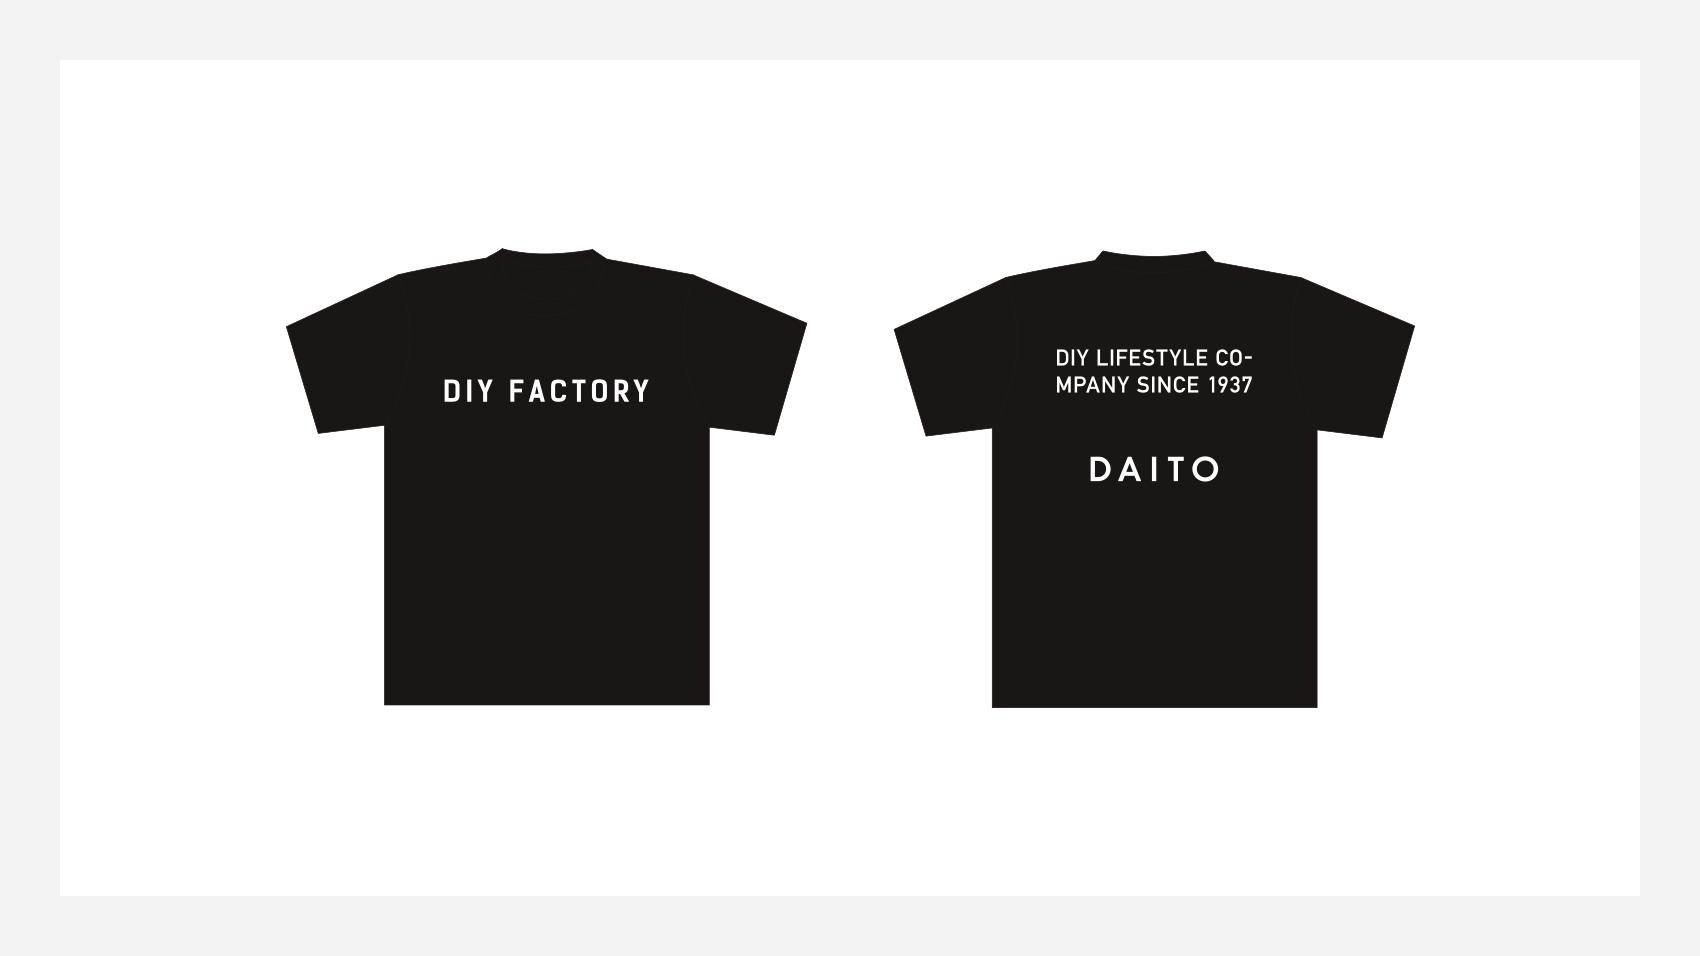 大都のコーポレートTシャツデザイン